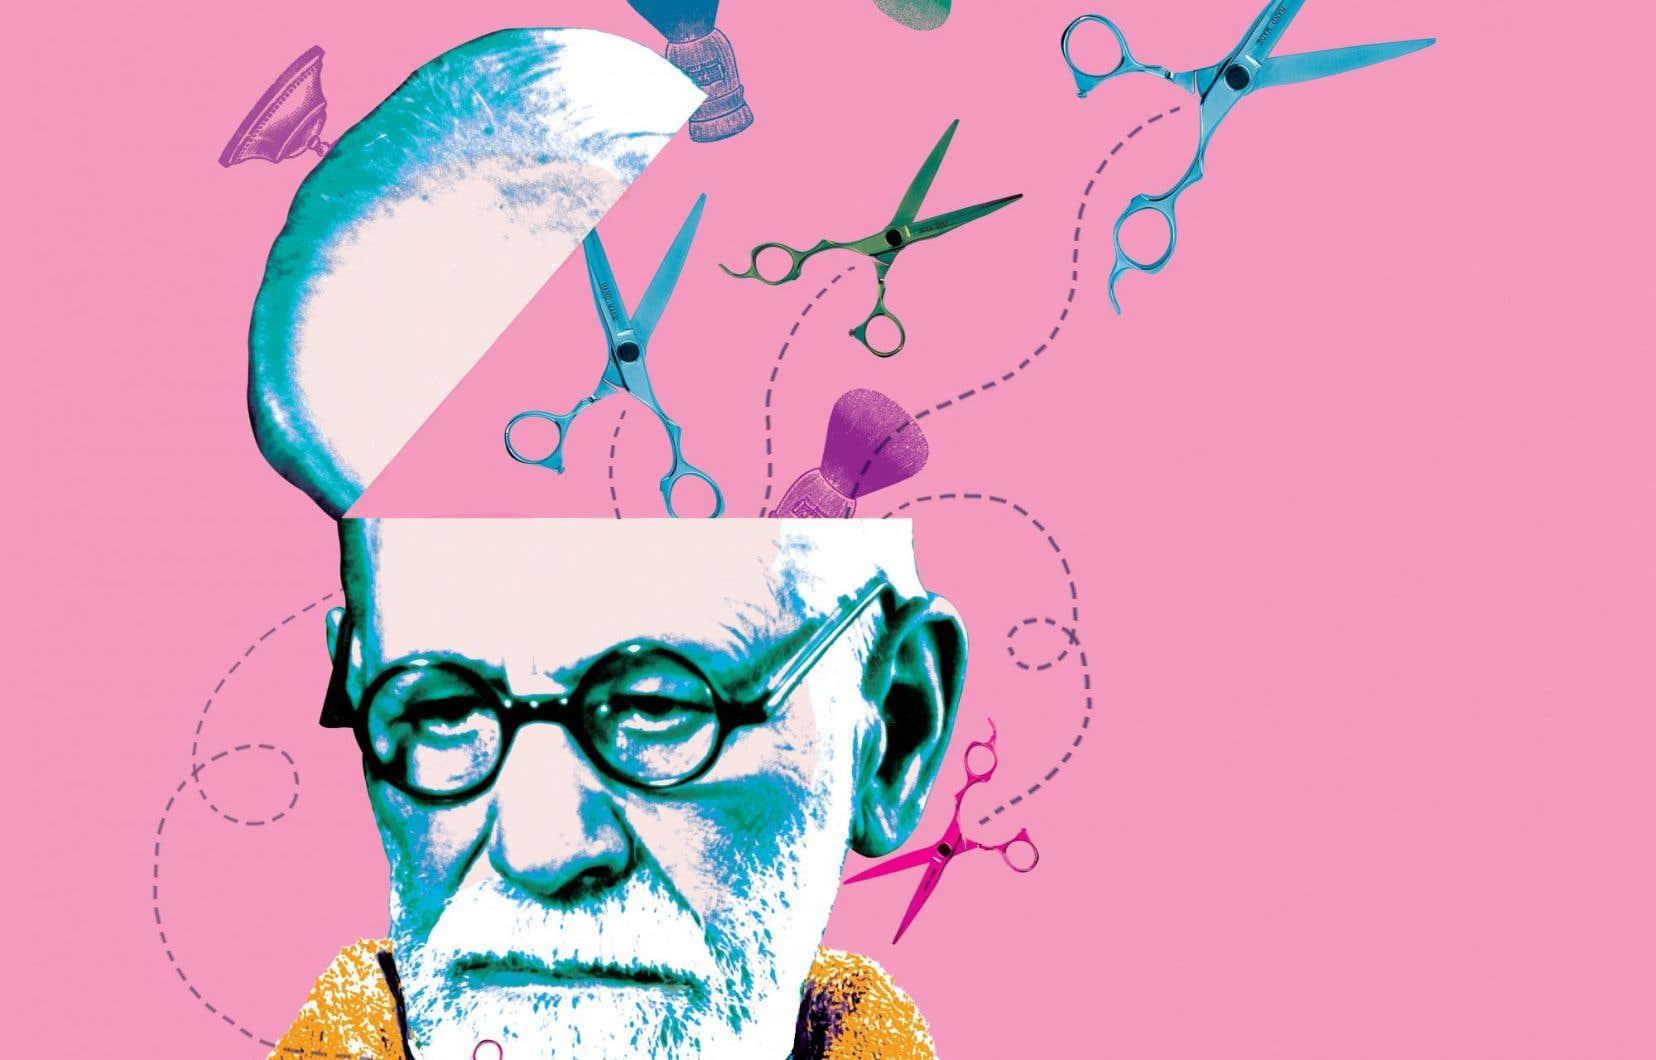 Freud, qui avait pourtant écrit des charrettes de tomes sur la question, ne donnait pas sa place côté compulsion. Levé à 7h, il convoquait son barbier tous les matins pour lui faire tailler au millimètre les poils folets de son bouc, avant de s'enfermer dans son bureau et d'allonger ses patients sur le divan.